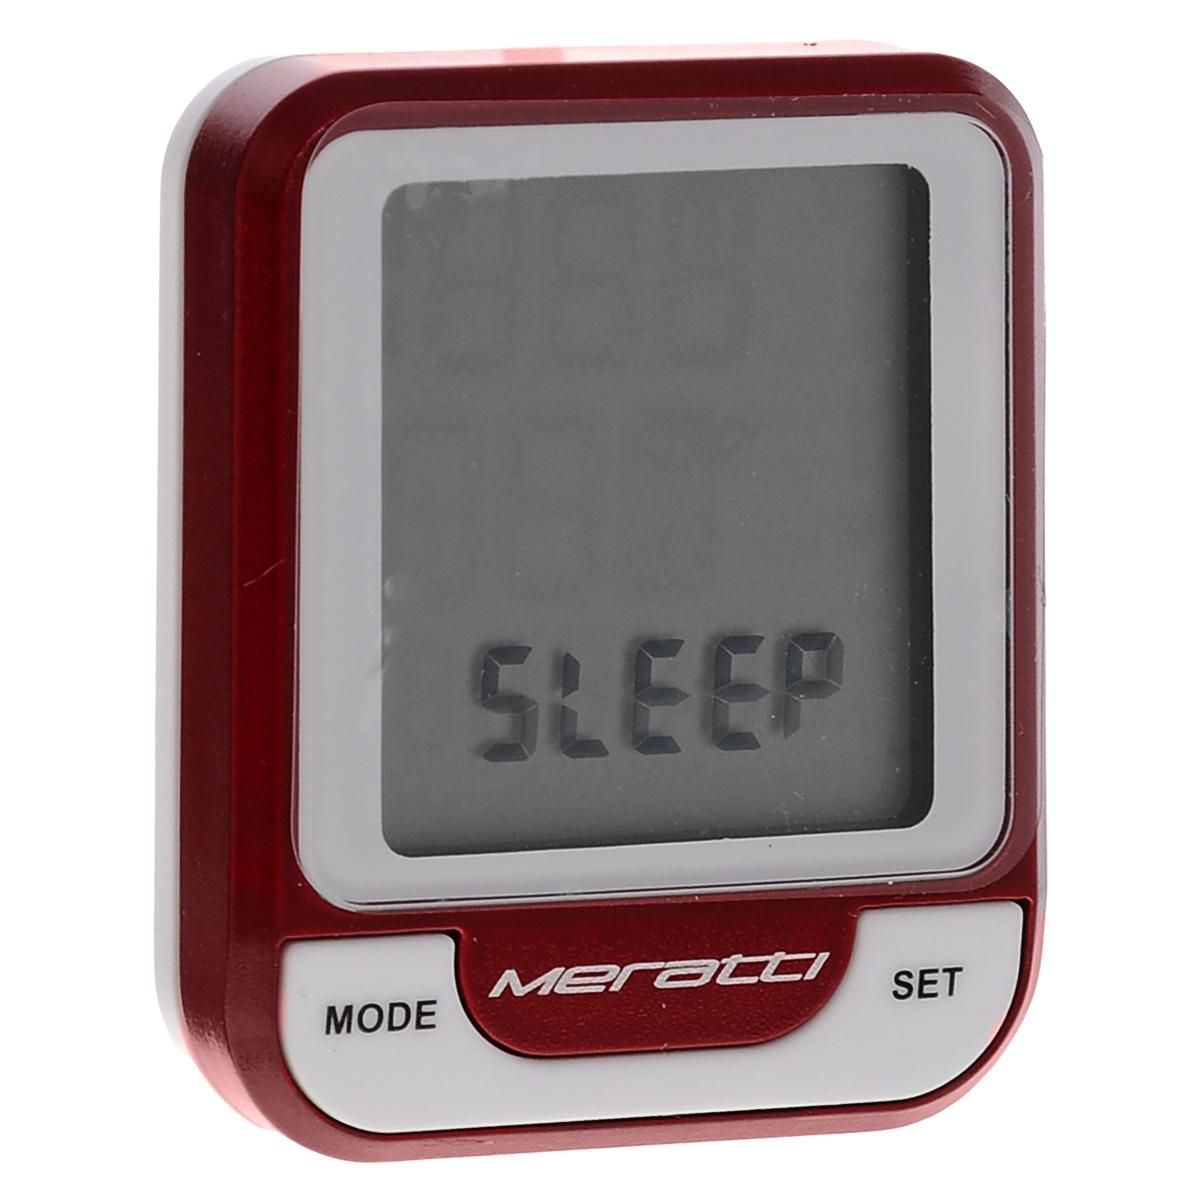 Велокомпьютер беспроводной Meratti, с кардиодатчикомC014Беспроводной компьютер Meratti выполнен из высококачественного прочного пластика. Оснащен кардиодатчиком C014. Компьютер питается от 1 батарейки CR2032 (в комплекте).Особенности: Аналоговый способ передачи сигнала 5.3K. Показания монитора: время (часы, минуты, секунды), скорость, средняя скорость, максимальная скорость, тенденция скорости, пульс, средний пульс, максимальный пульс, тенденция пульса, 4 пакета зон пульса, время поездки, суммарное время пробега, общий пробег, общий расход калорий. Режимы: SCAN.Гид по велоаксессуарам. Статья OZON Гид